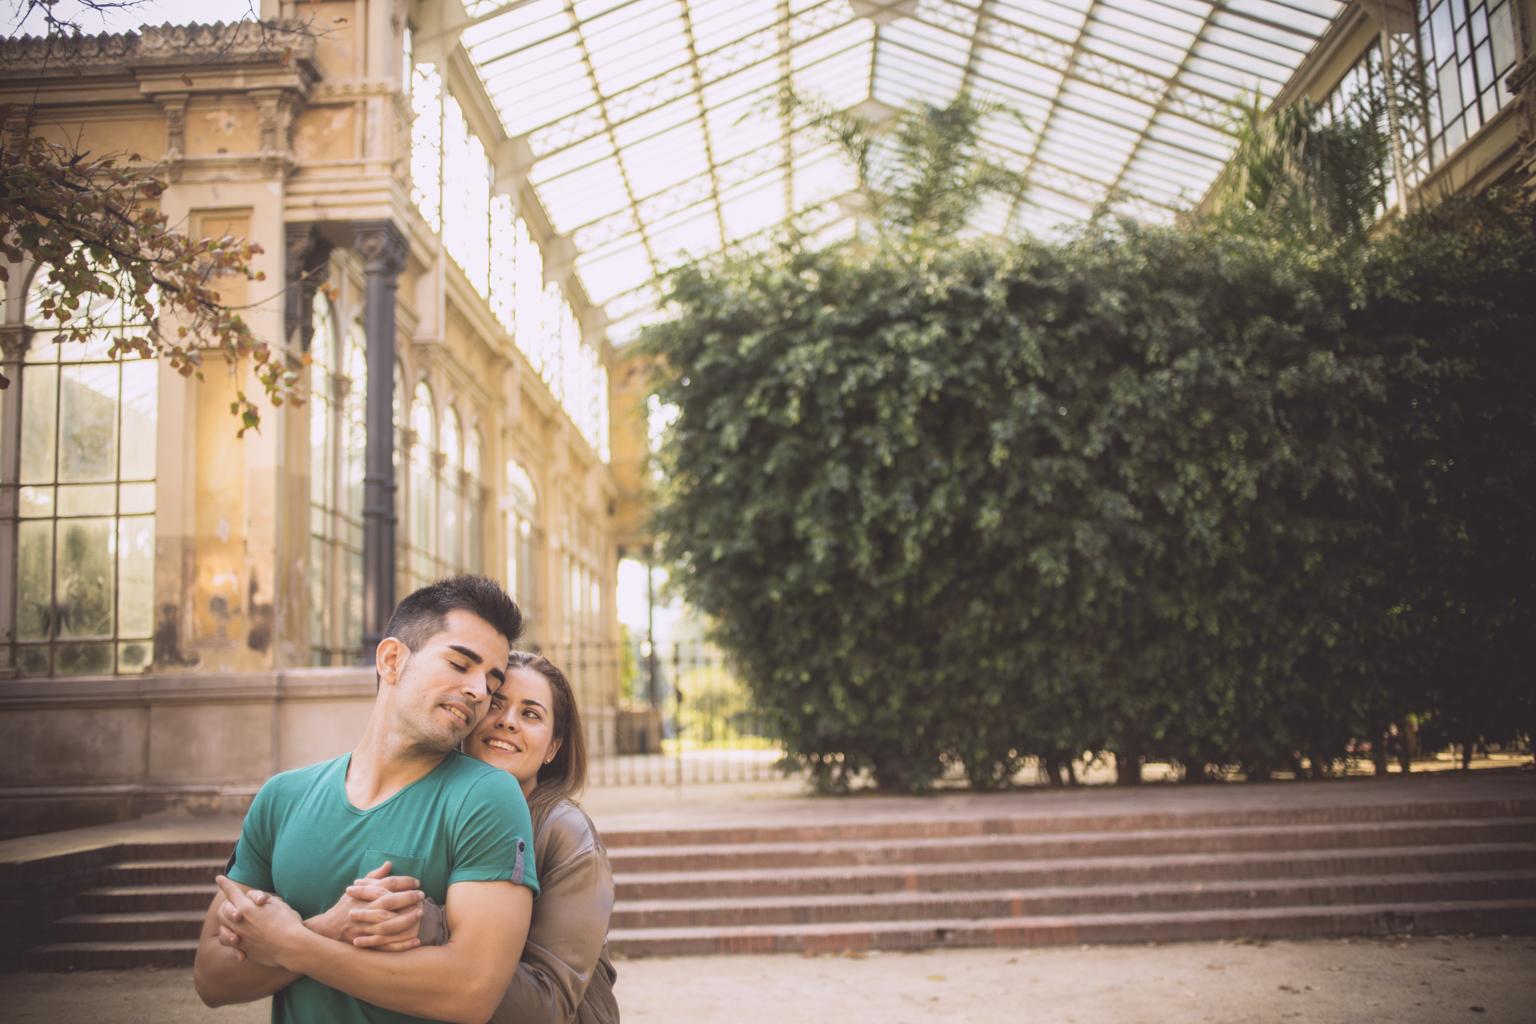 fotografo_pareja_barcelona-18